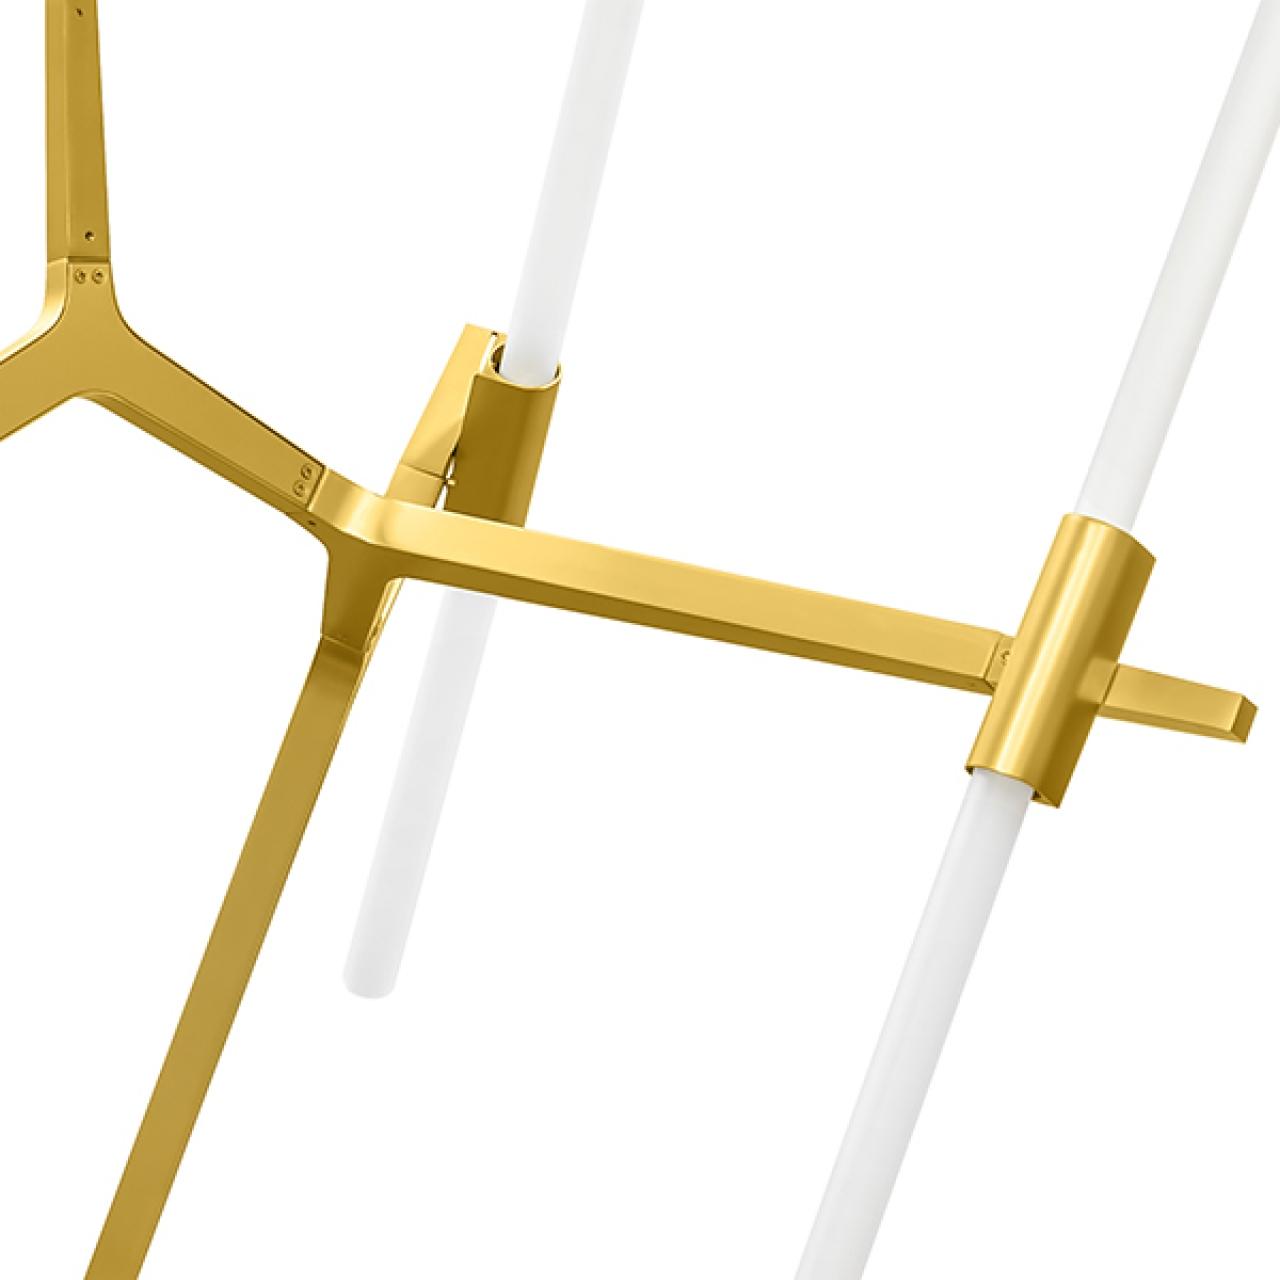 Подвесная люстра STRUTTURA LightStar 742103 цвет - матовое золото